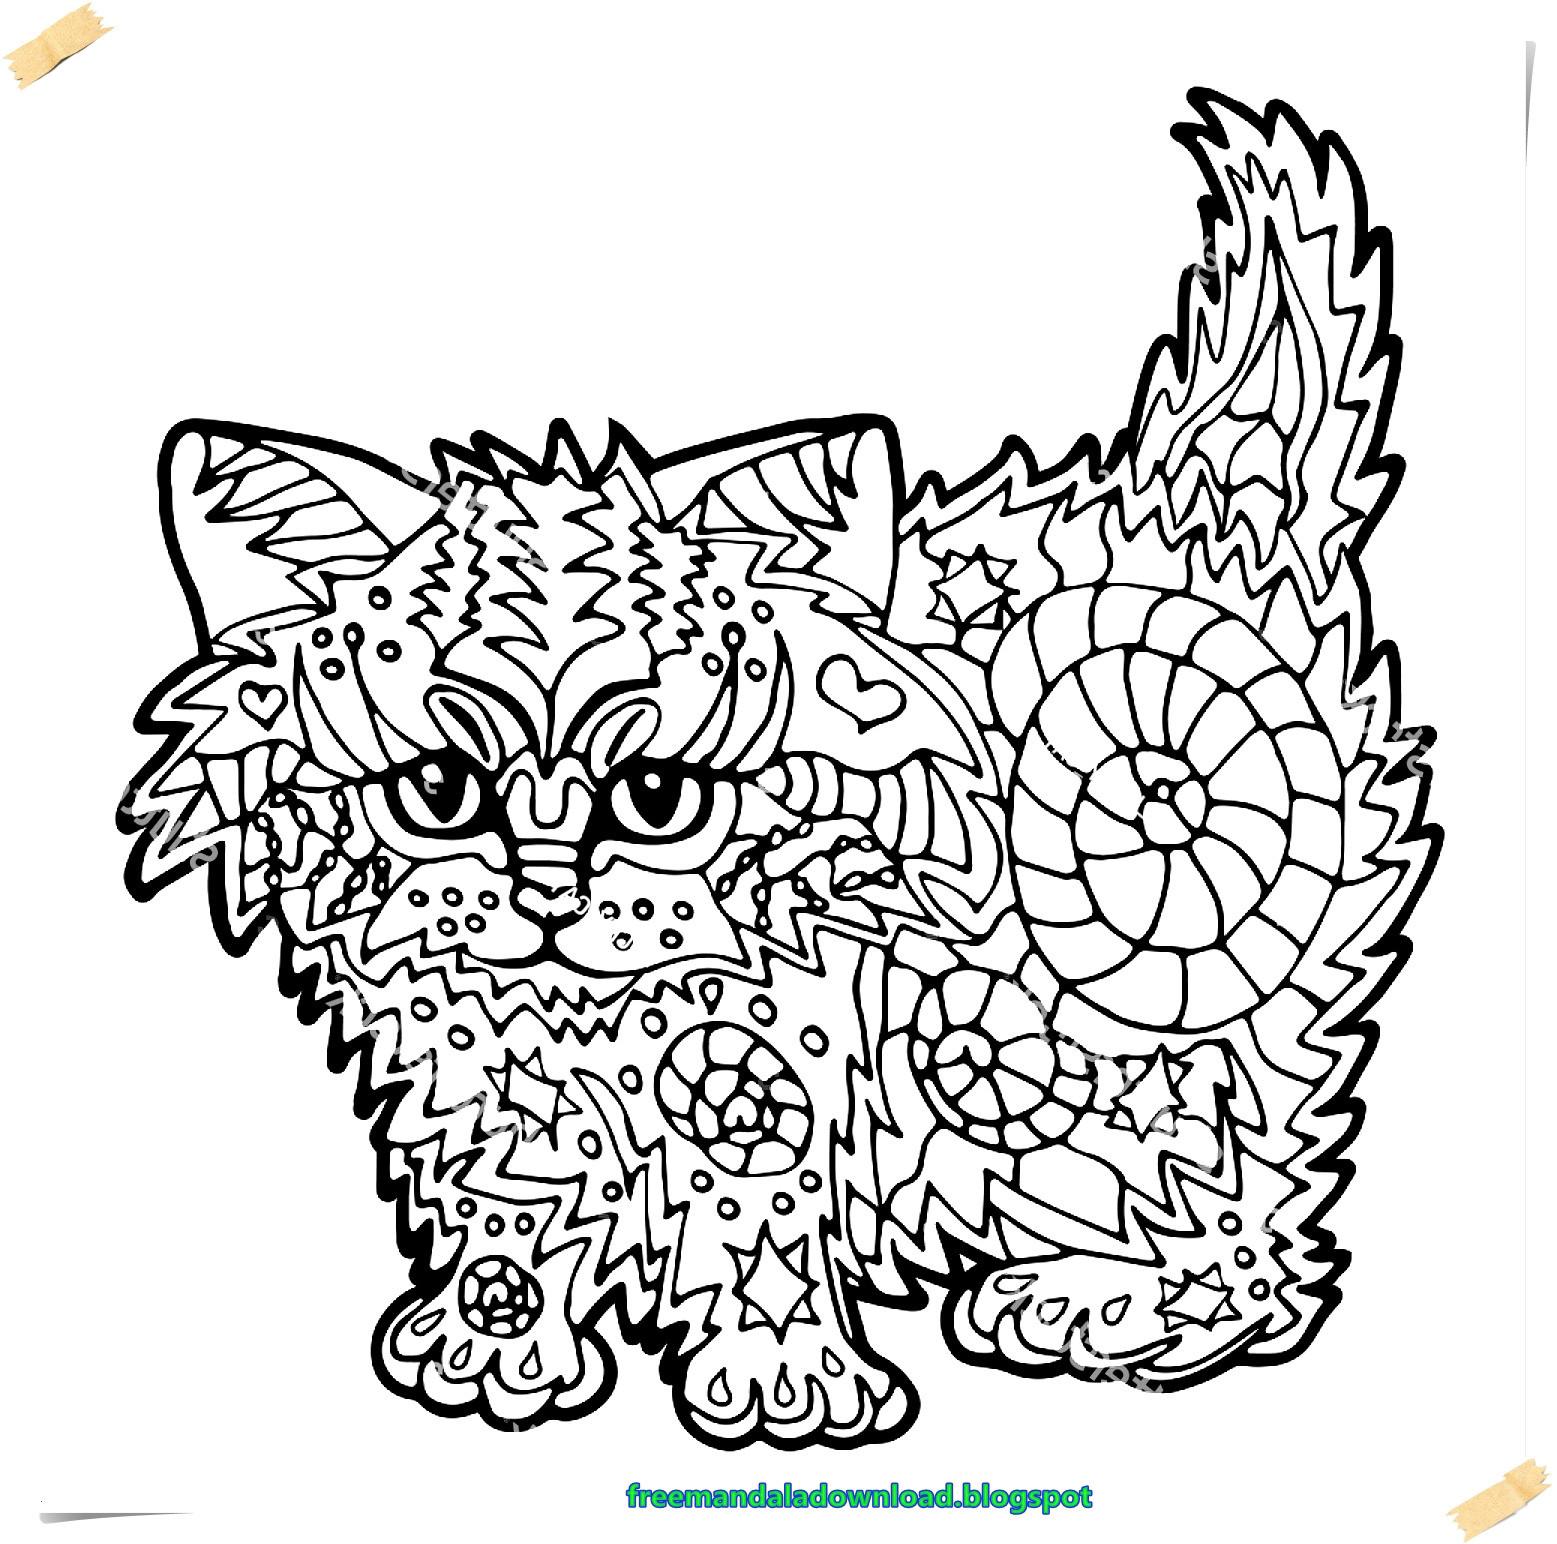 Seestern Zum Ausmalen Genial Katzen Mandala Kostenlos Ebook Cats Mandala Free Ebook Free Mandala Das Bild